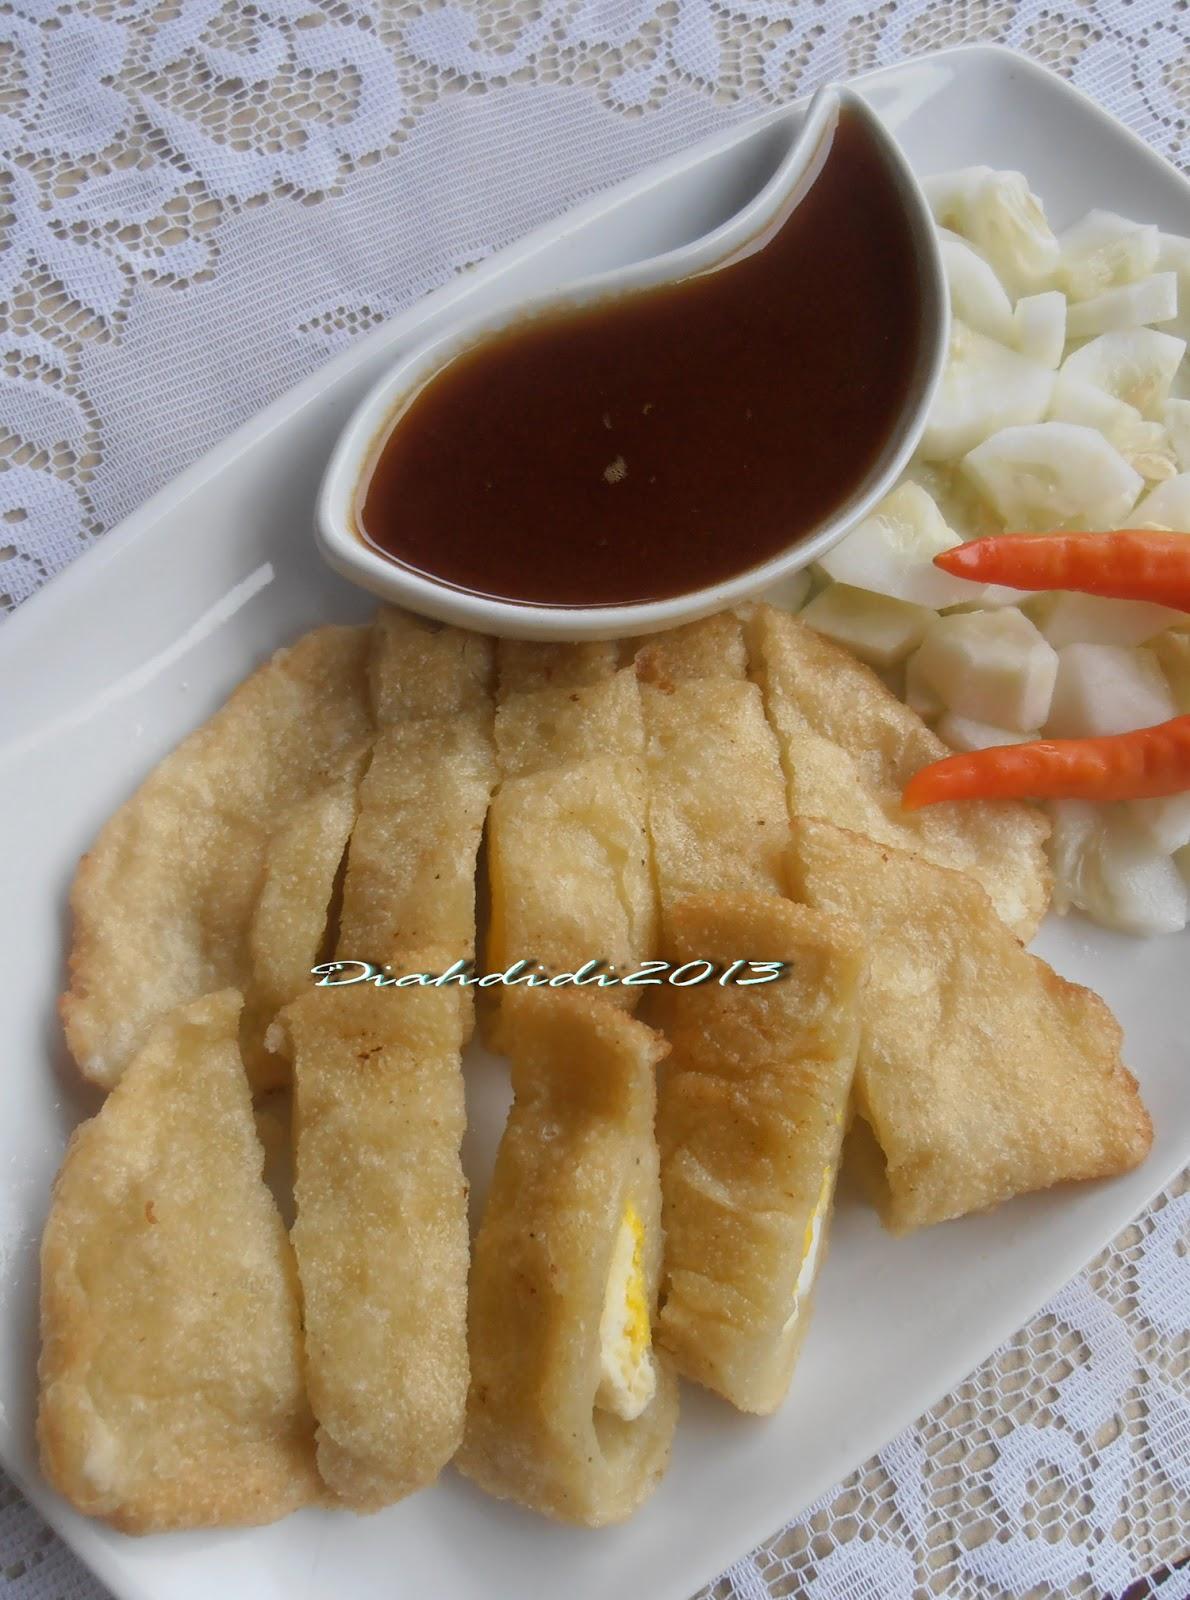 Resep Mpek Mpek Dos : resep, Didi's, Kitchen:, Empek2, Dos..Empek, Empek, Tanpa, Ikan..Uenakk, Ternyata..^^